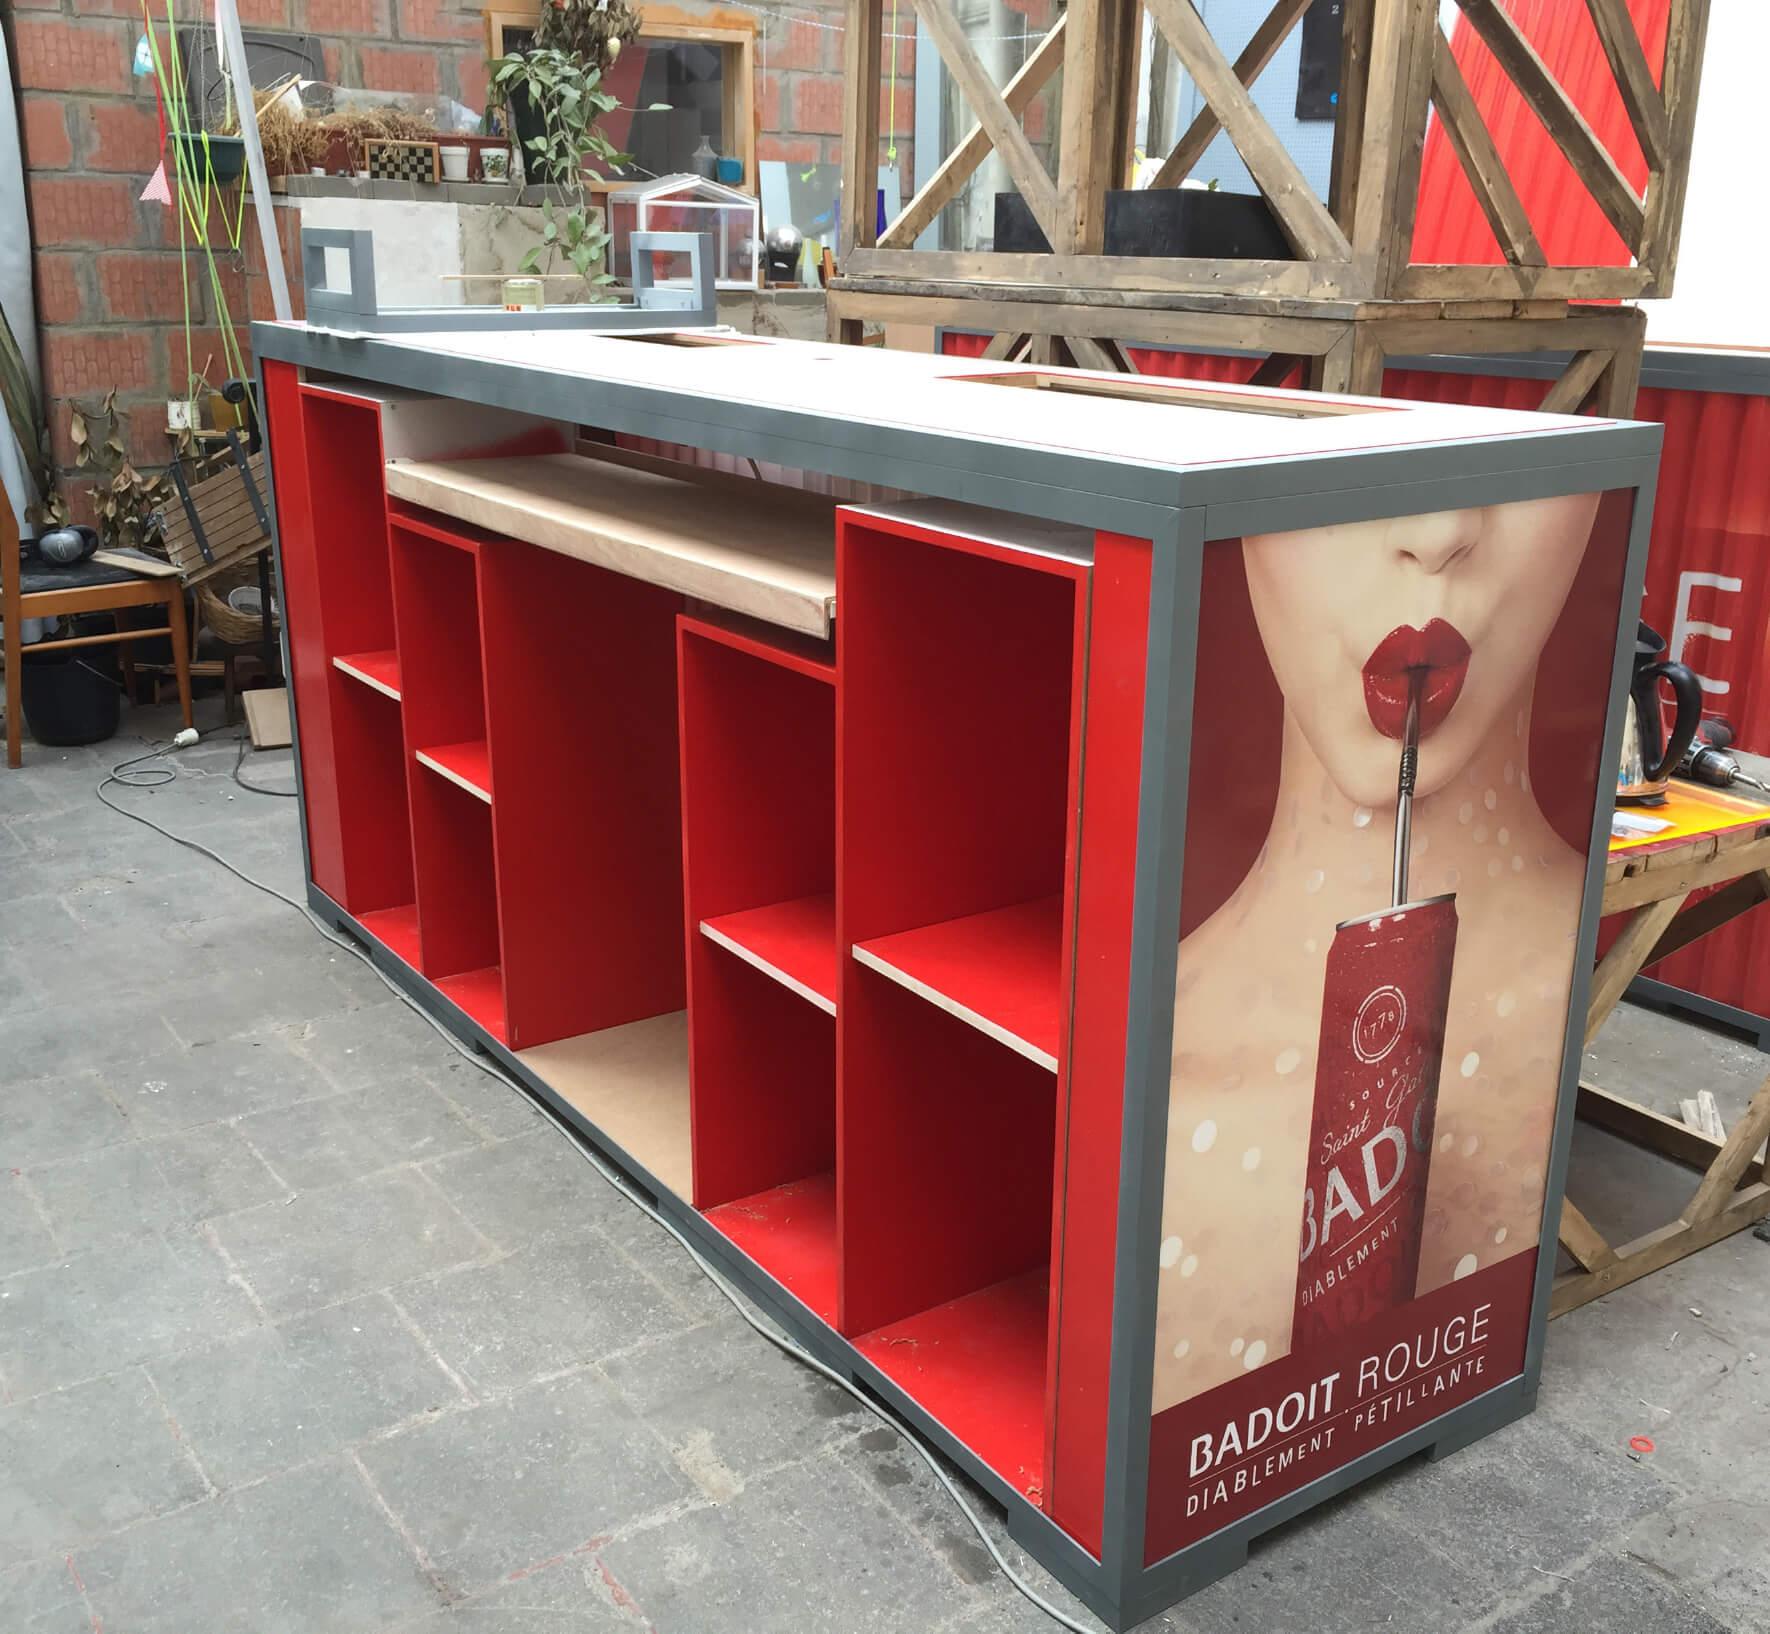 Badoitrouge-Badoit-stand-POS-retail-OKTO-_02